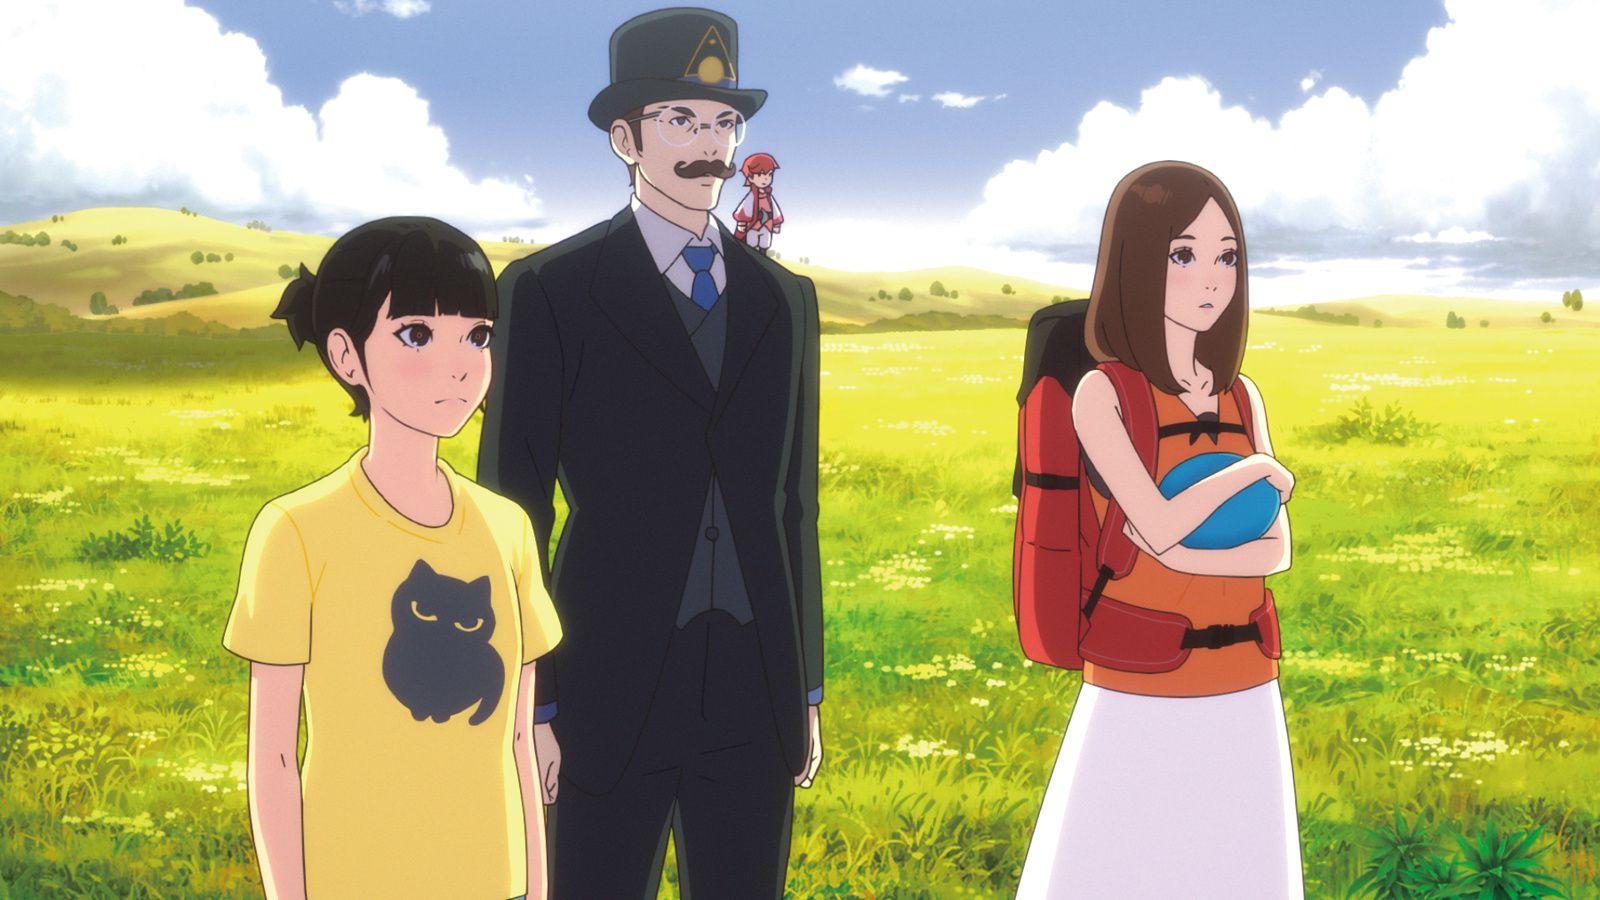 Wonderland, le royaume sans pluie (BANDE-ANNONCE) de Keiichi Hara - Le 24 juillet 2019 au cinéma